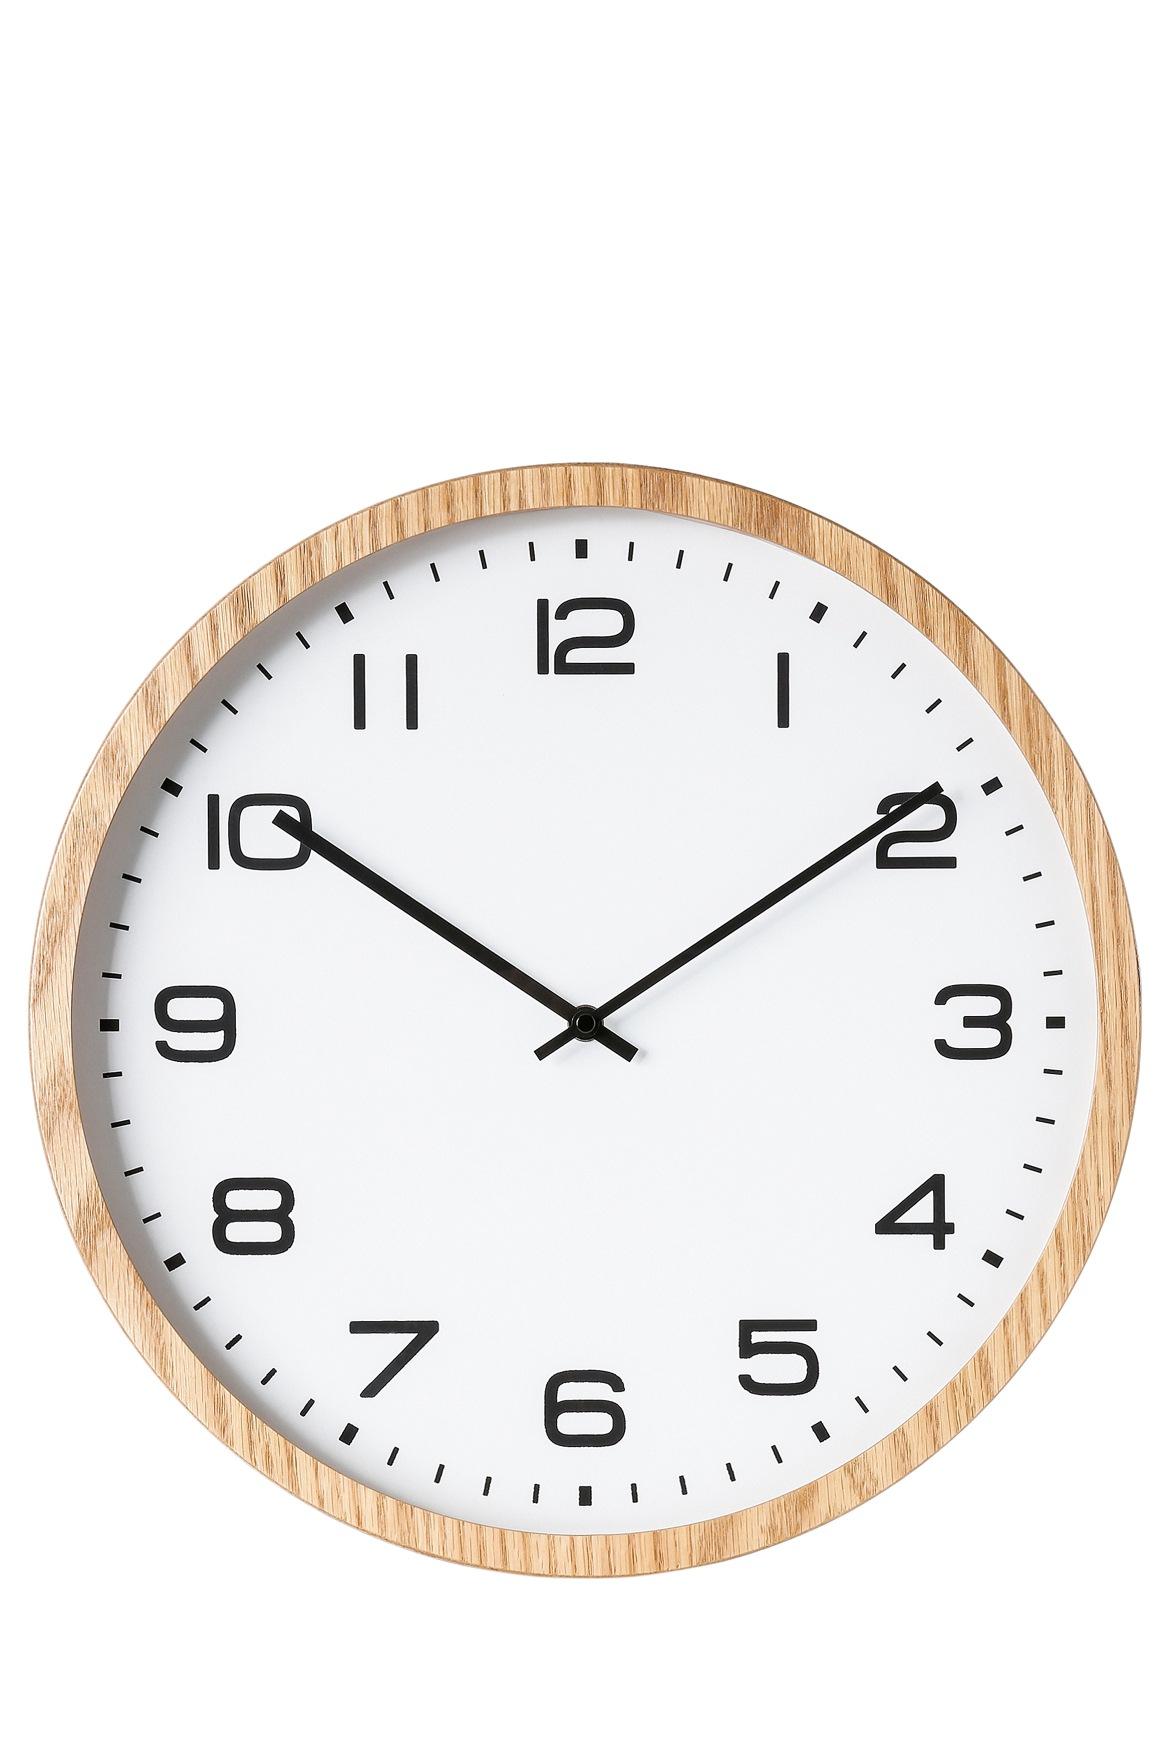 Australian house garden kingston wall clock 40cm myer online amipublicfo Images